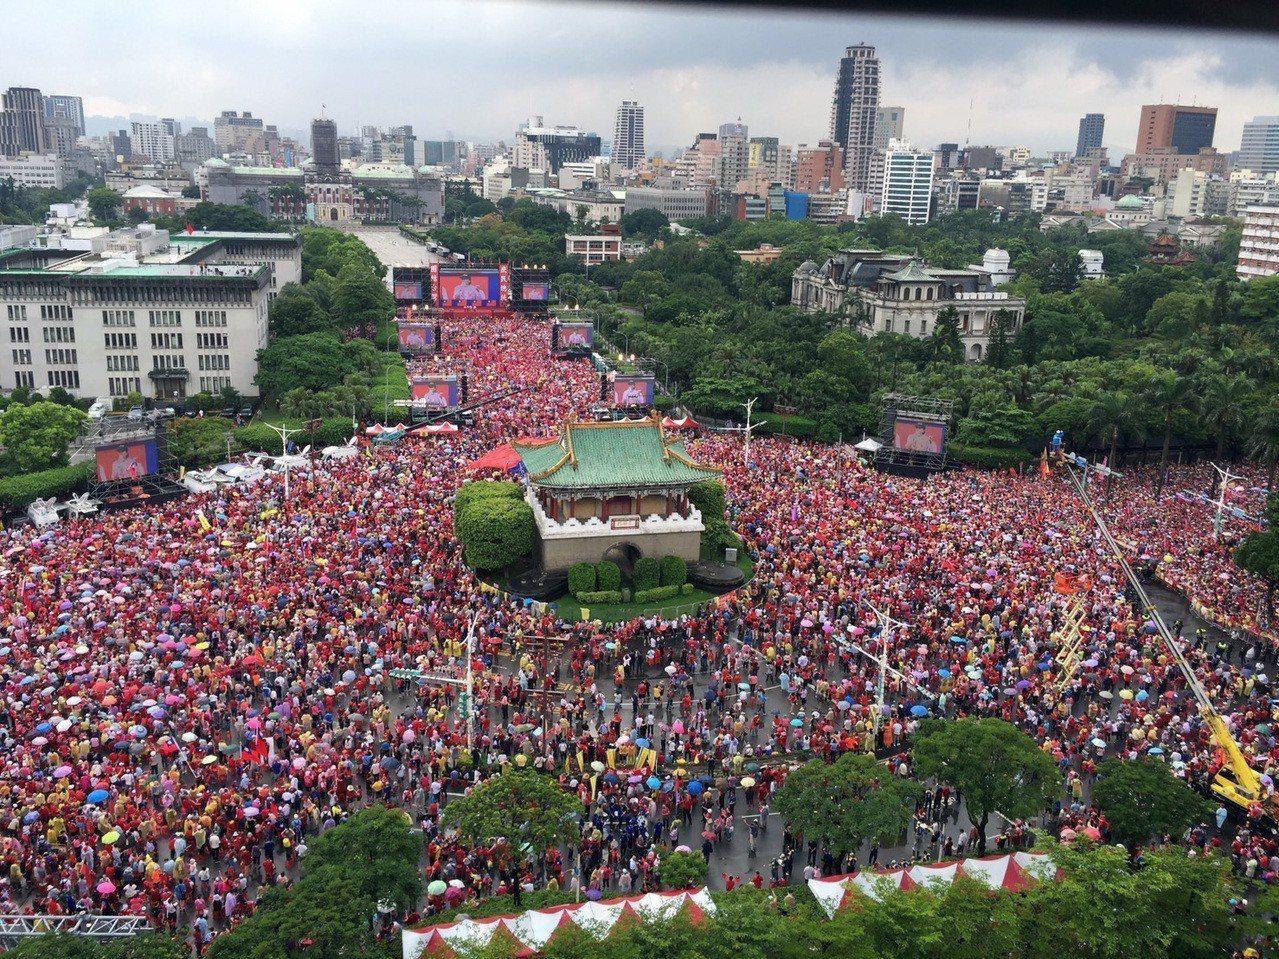 主辦單位4點5分時,宣稱現場超過25萬人。記者曾吉松/攝影